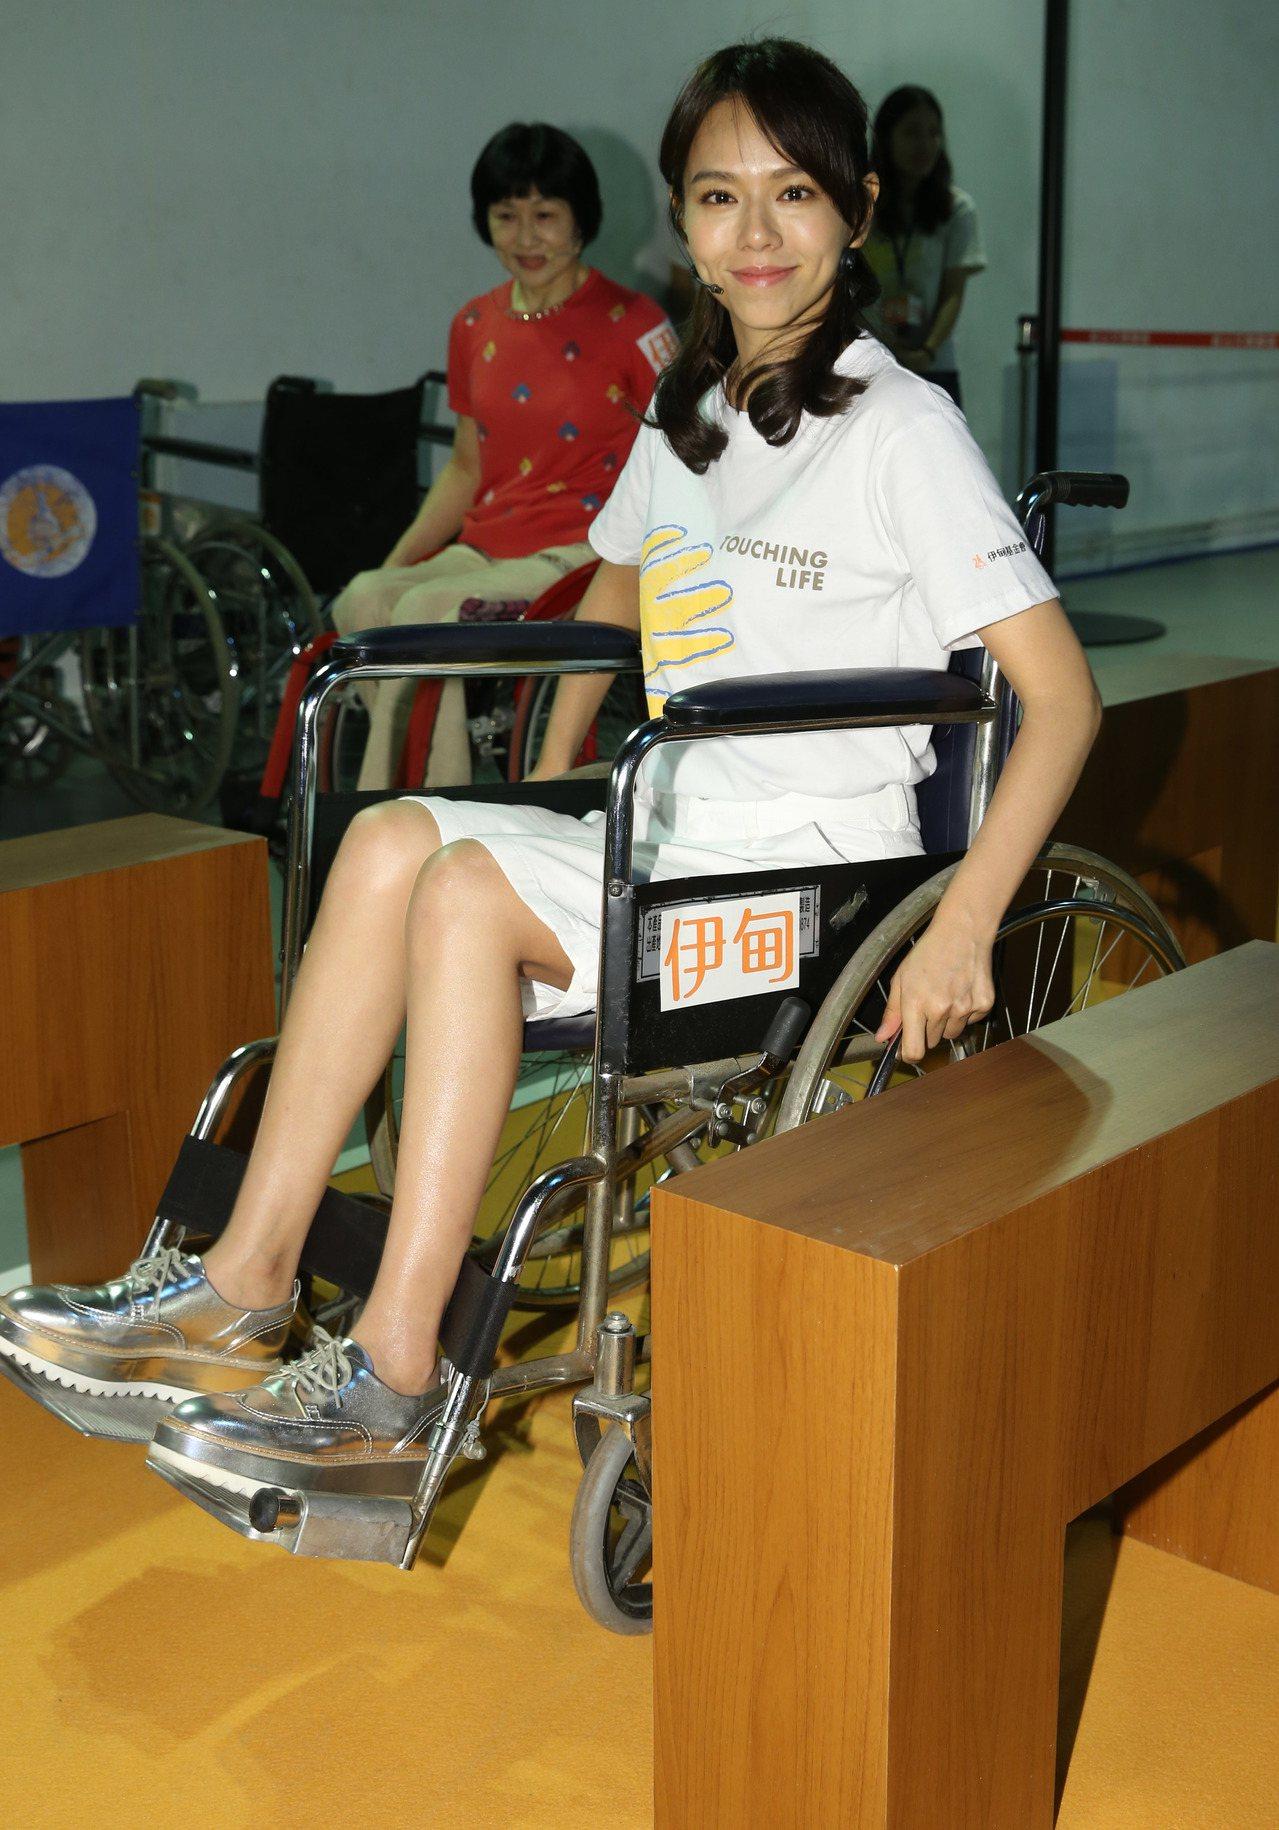 公益大使夏于喬出席伊甸基金會「無障礙生活節」,體驗輪椅雲霄飛車闖關活動 。記者林...